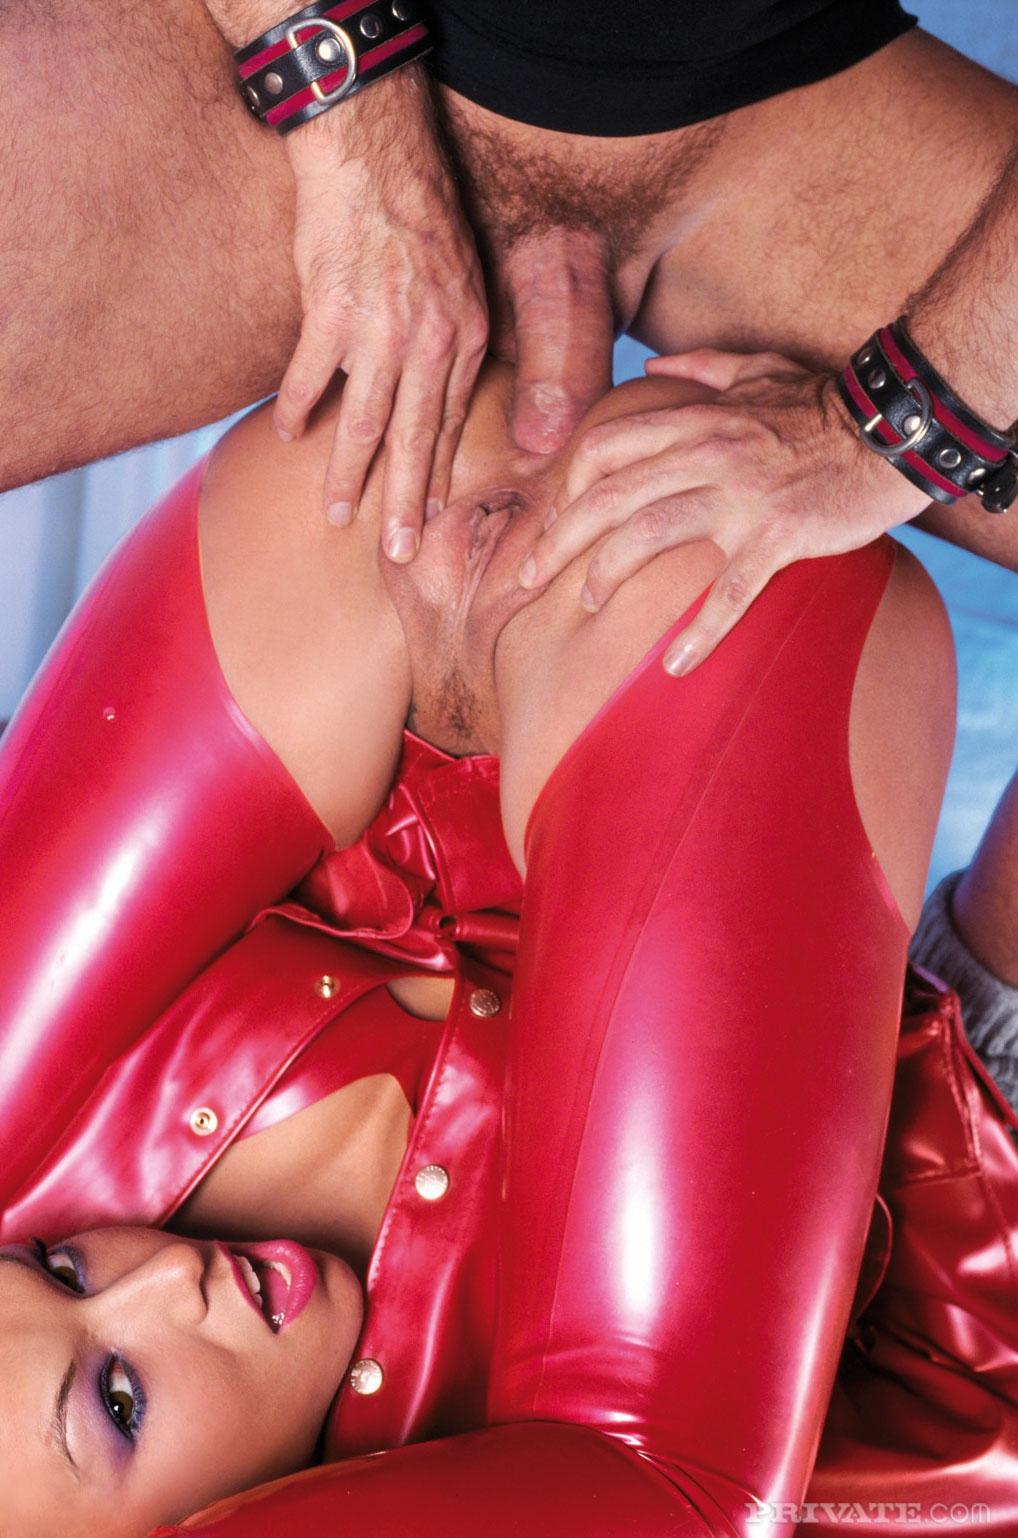 Порно онлайн в красном платье, порно видео секс по скайпу онлайн